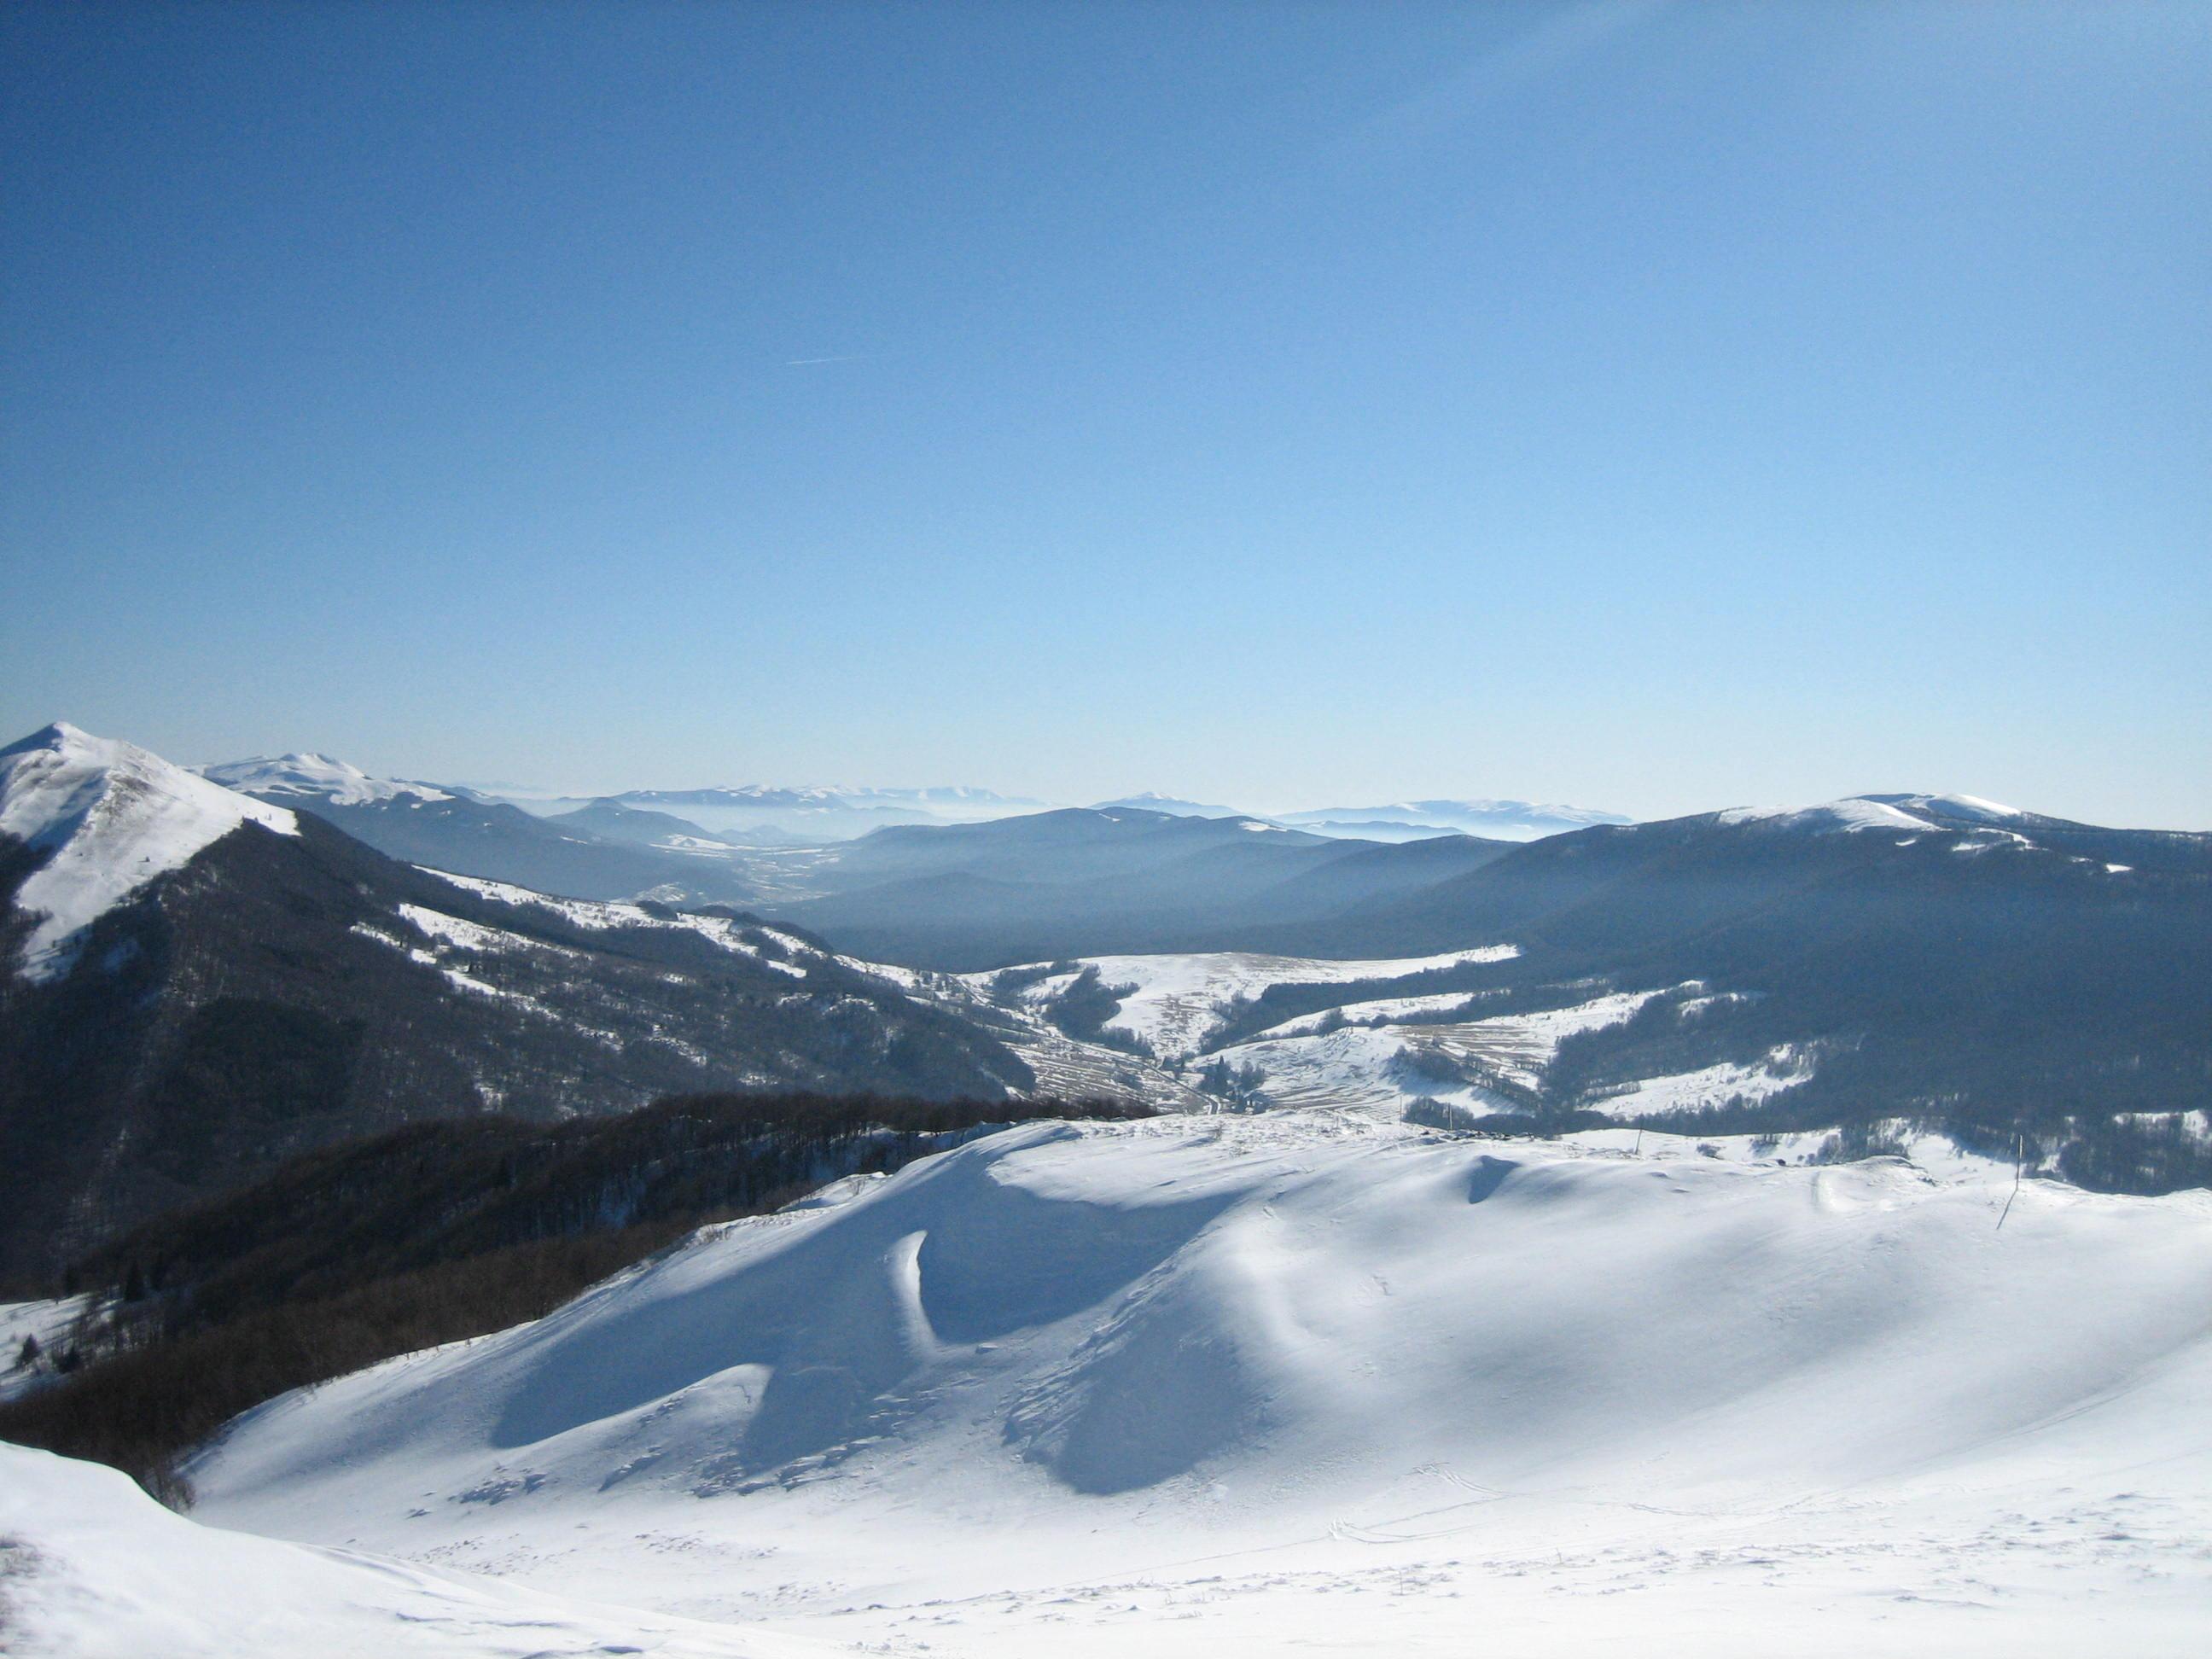 Weiter Blick über die Höhen des Bieszczady